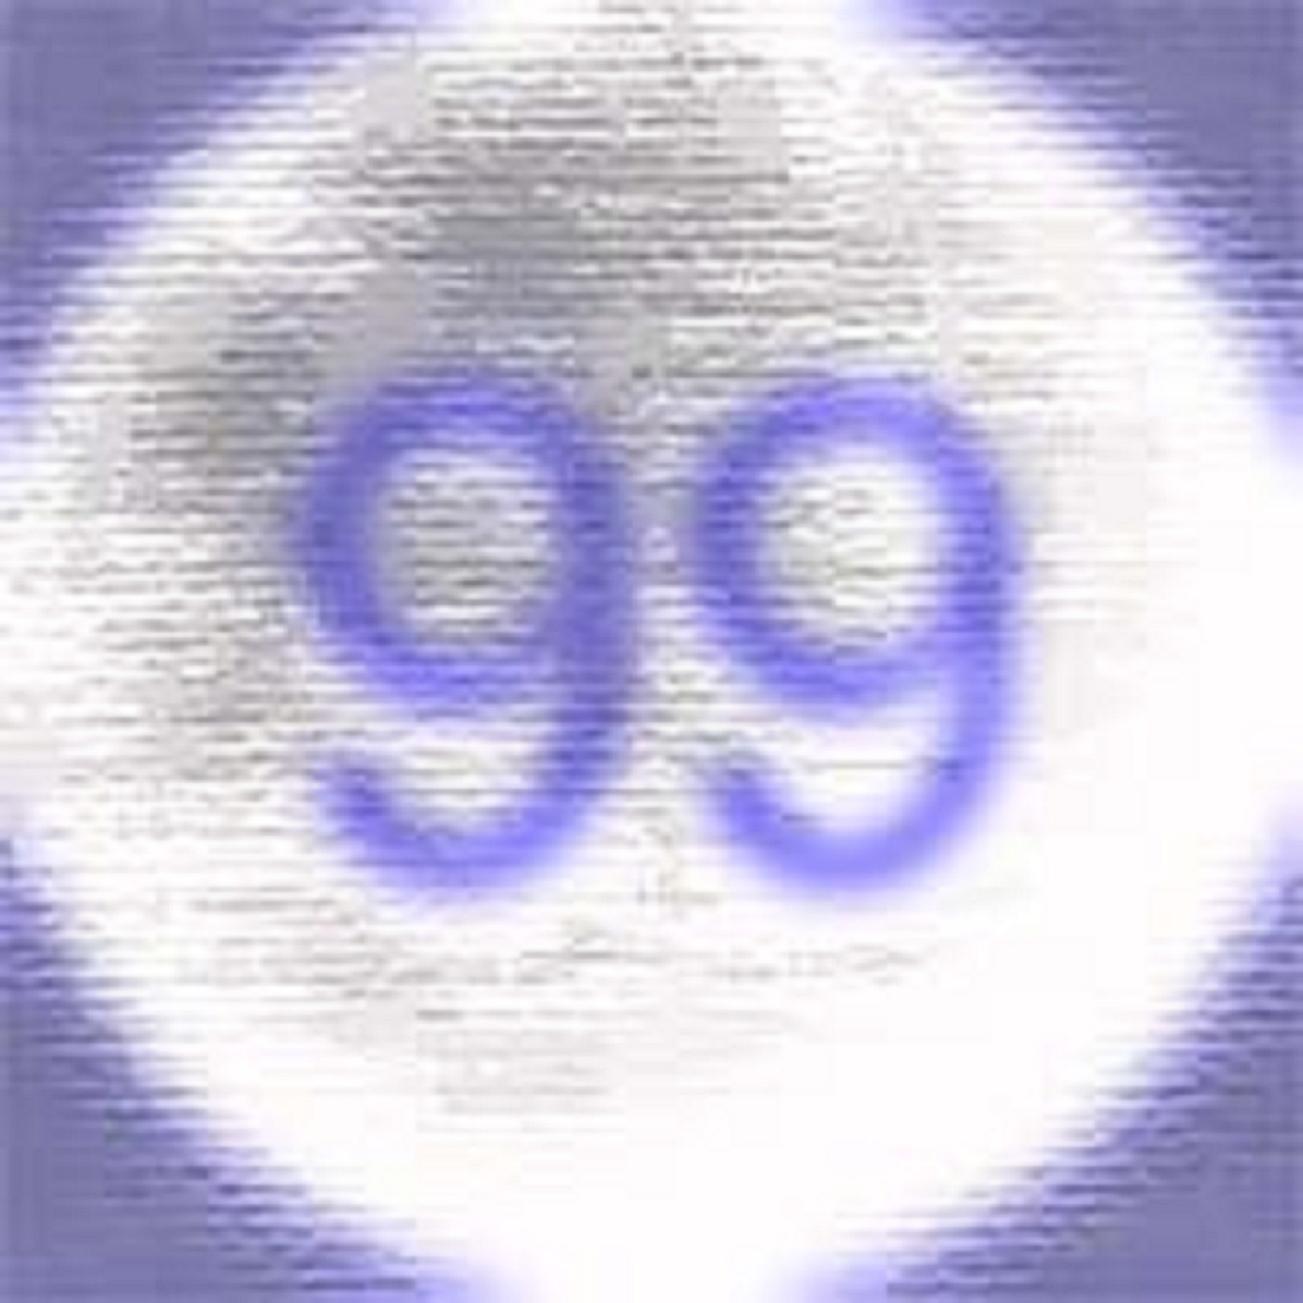 Ὁ κύκλος τοῦ '99.